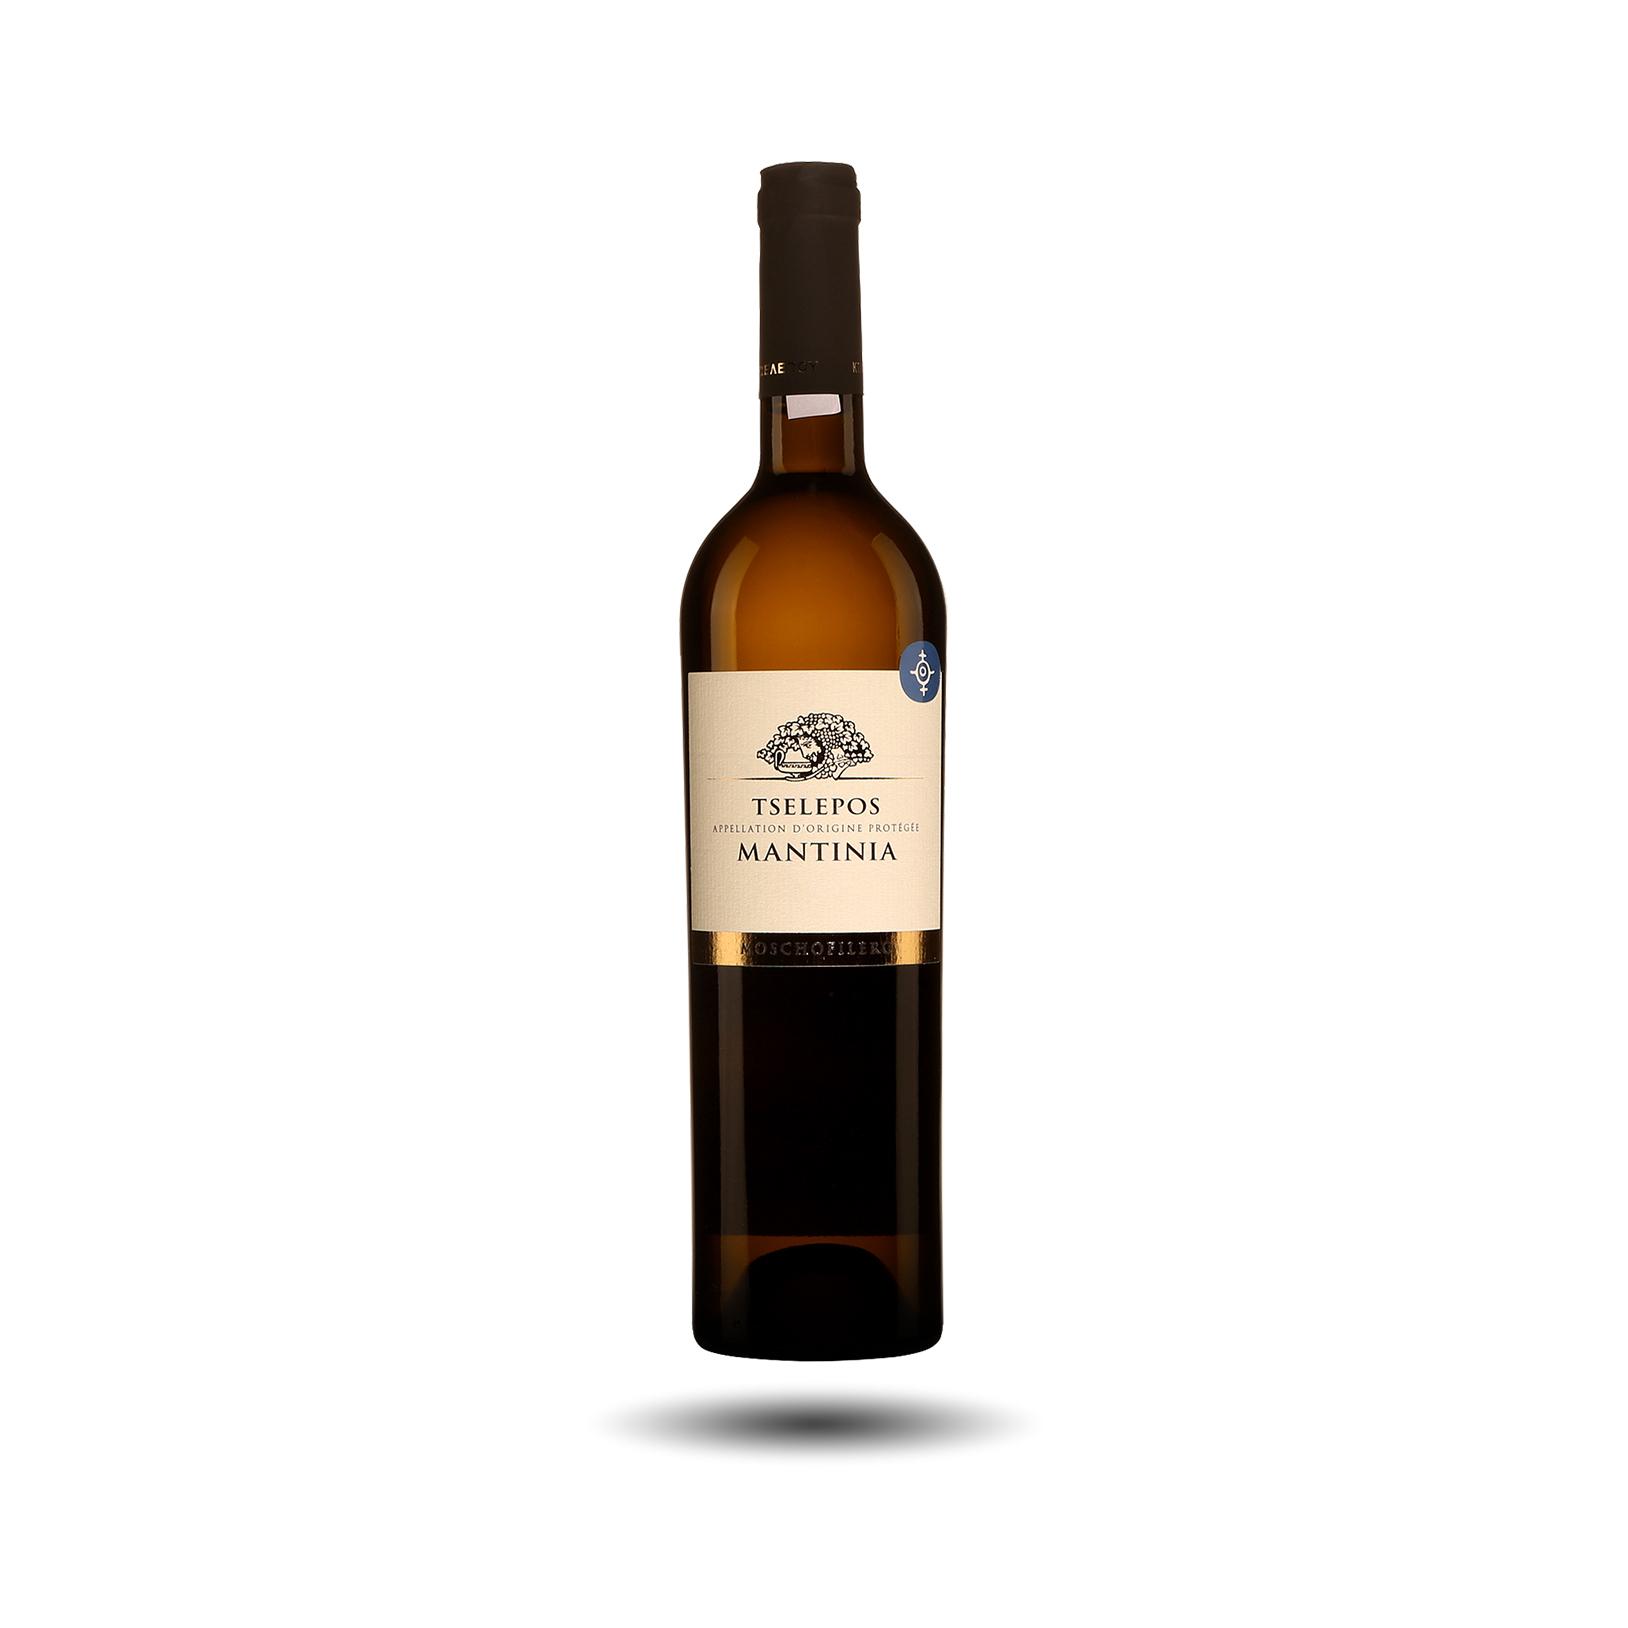 Grecia - Mantinia, Tselepos Wines, Peloponnese, 2020